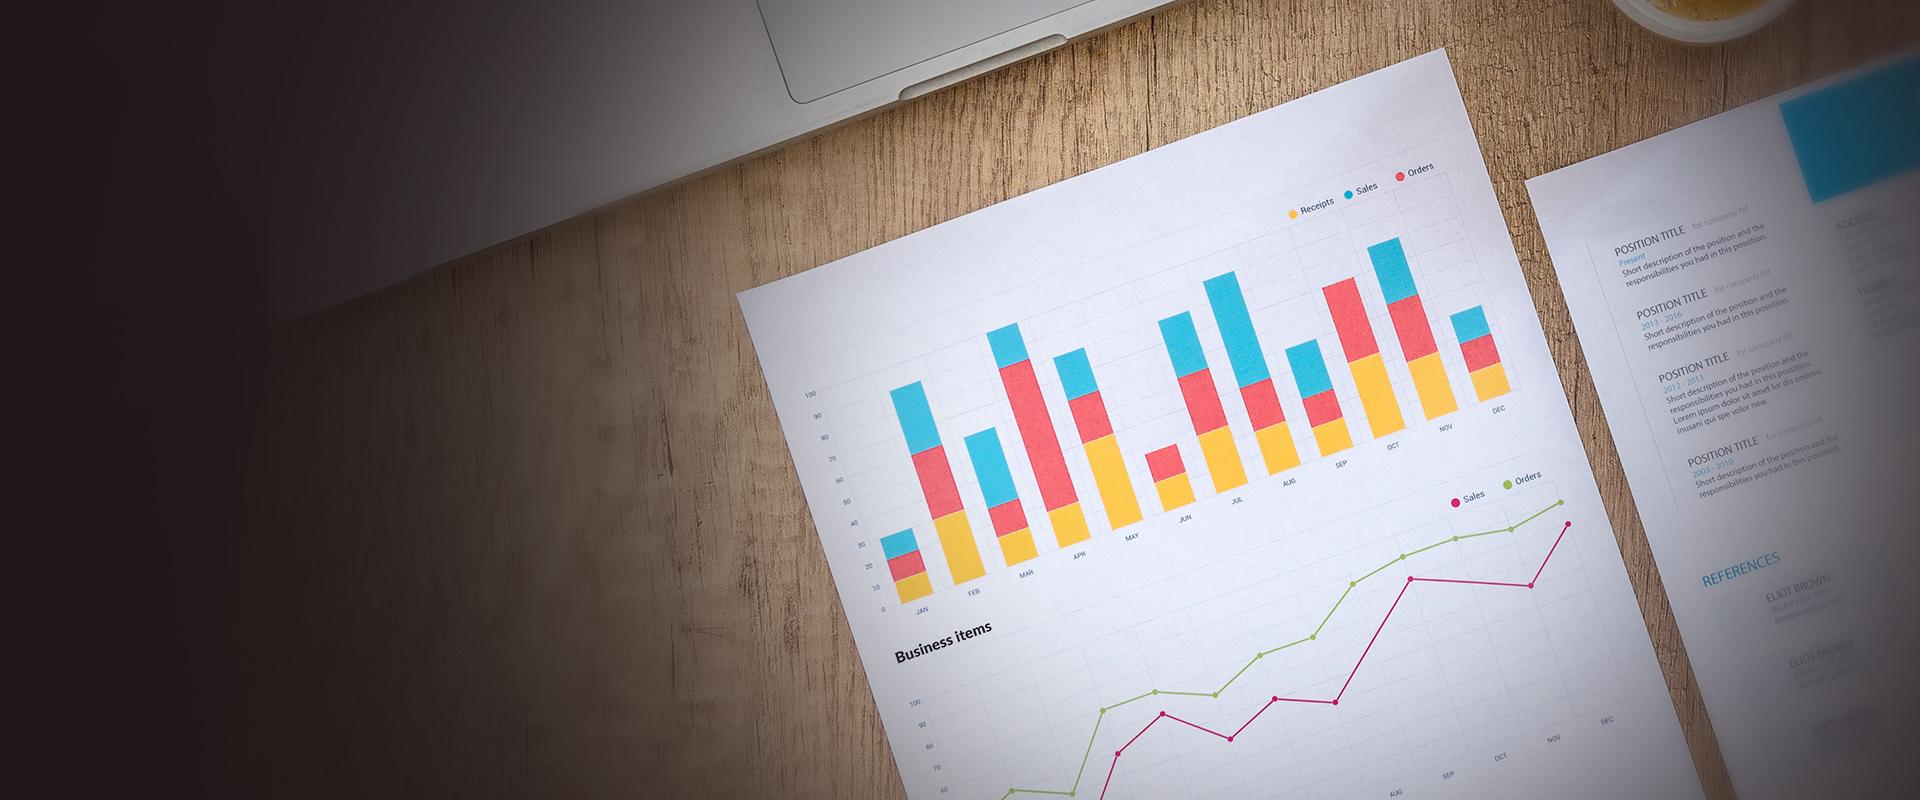 Web applications | social media marketing